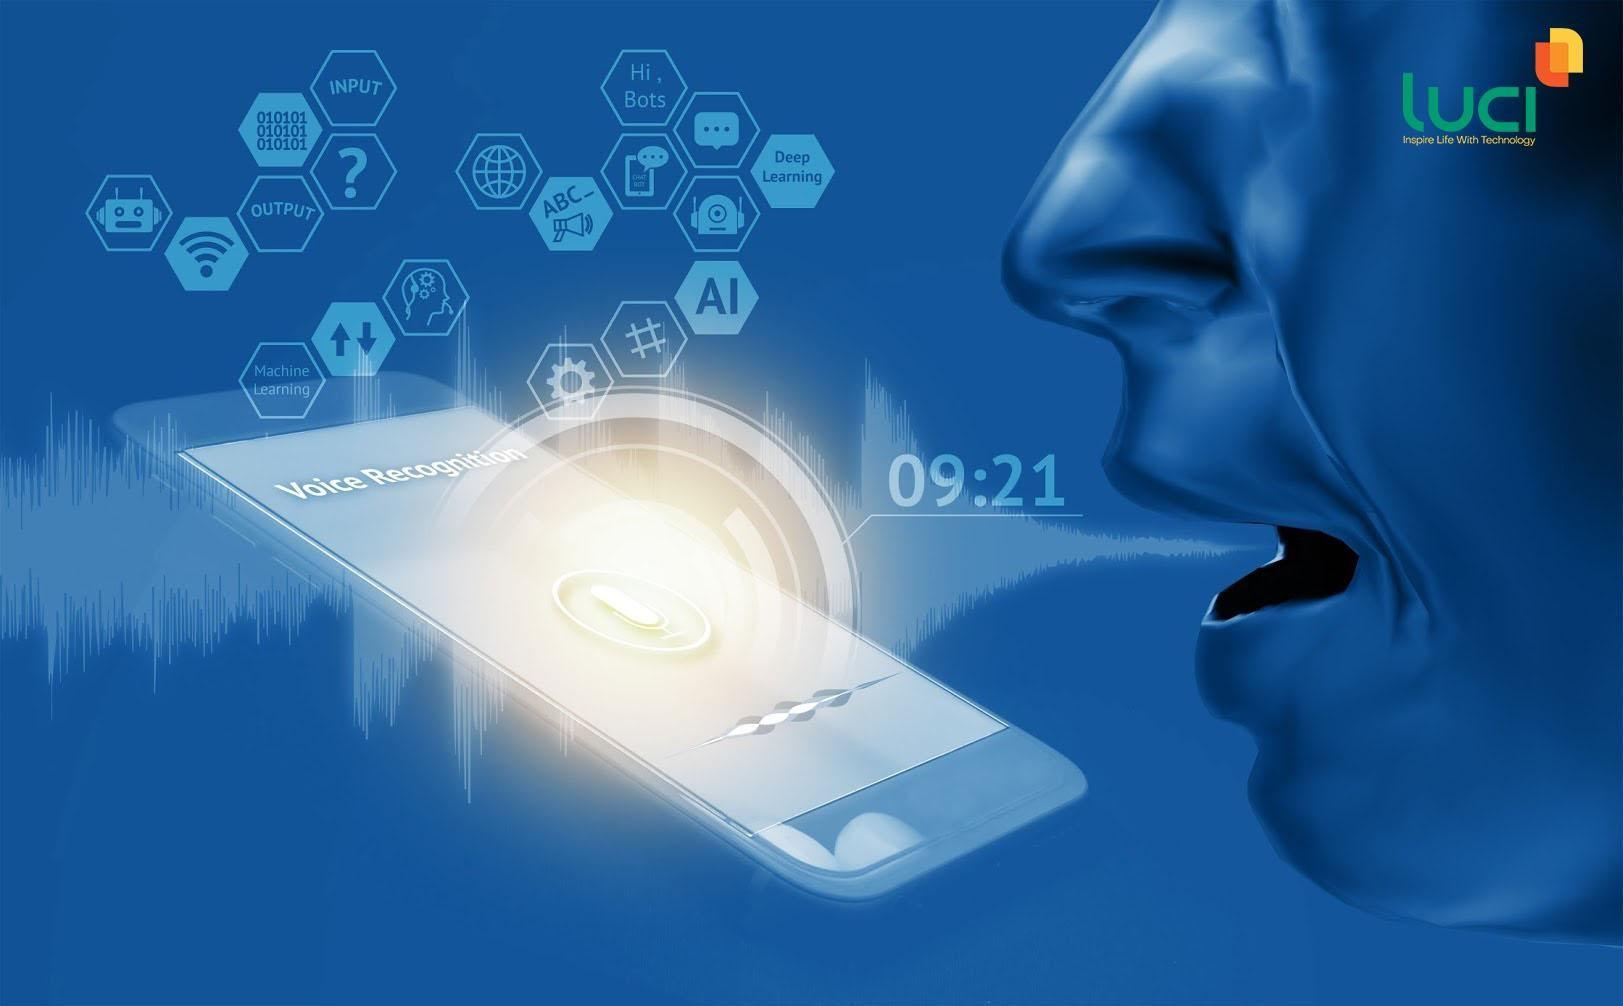 Nhận dạng giọng nói là xu hướng công nghệ nổi bật trong thời đại 4.0